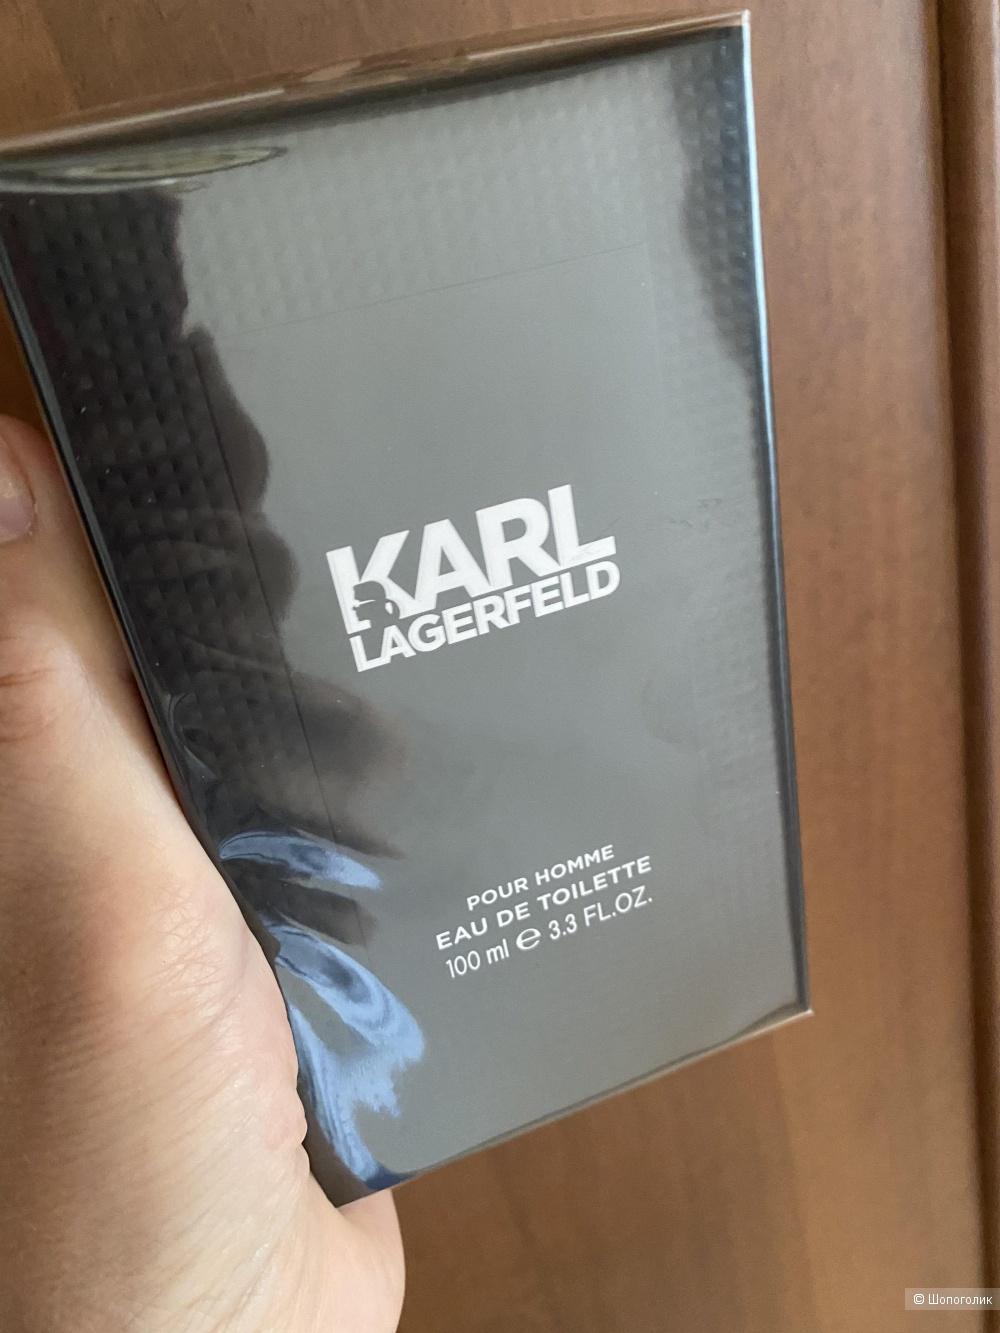 Парфюмерная вода мужская Karl Lagerfeld, 100 мл.